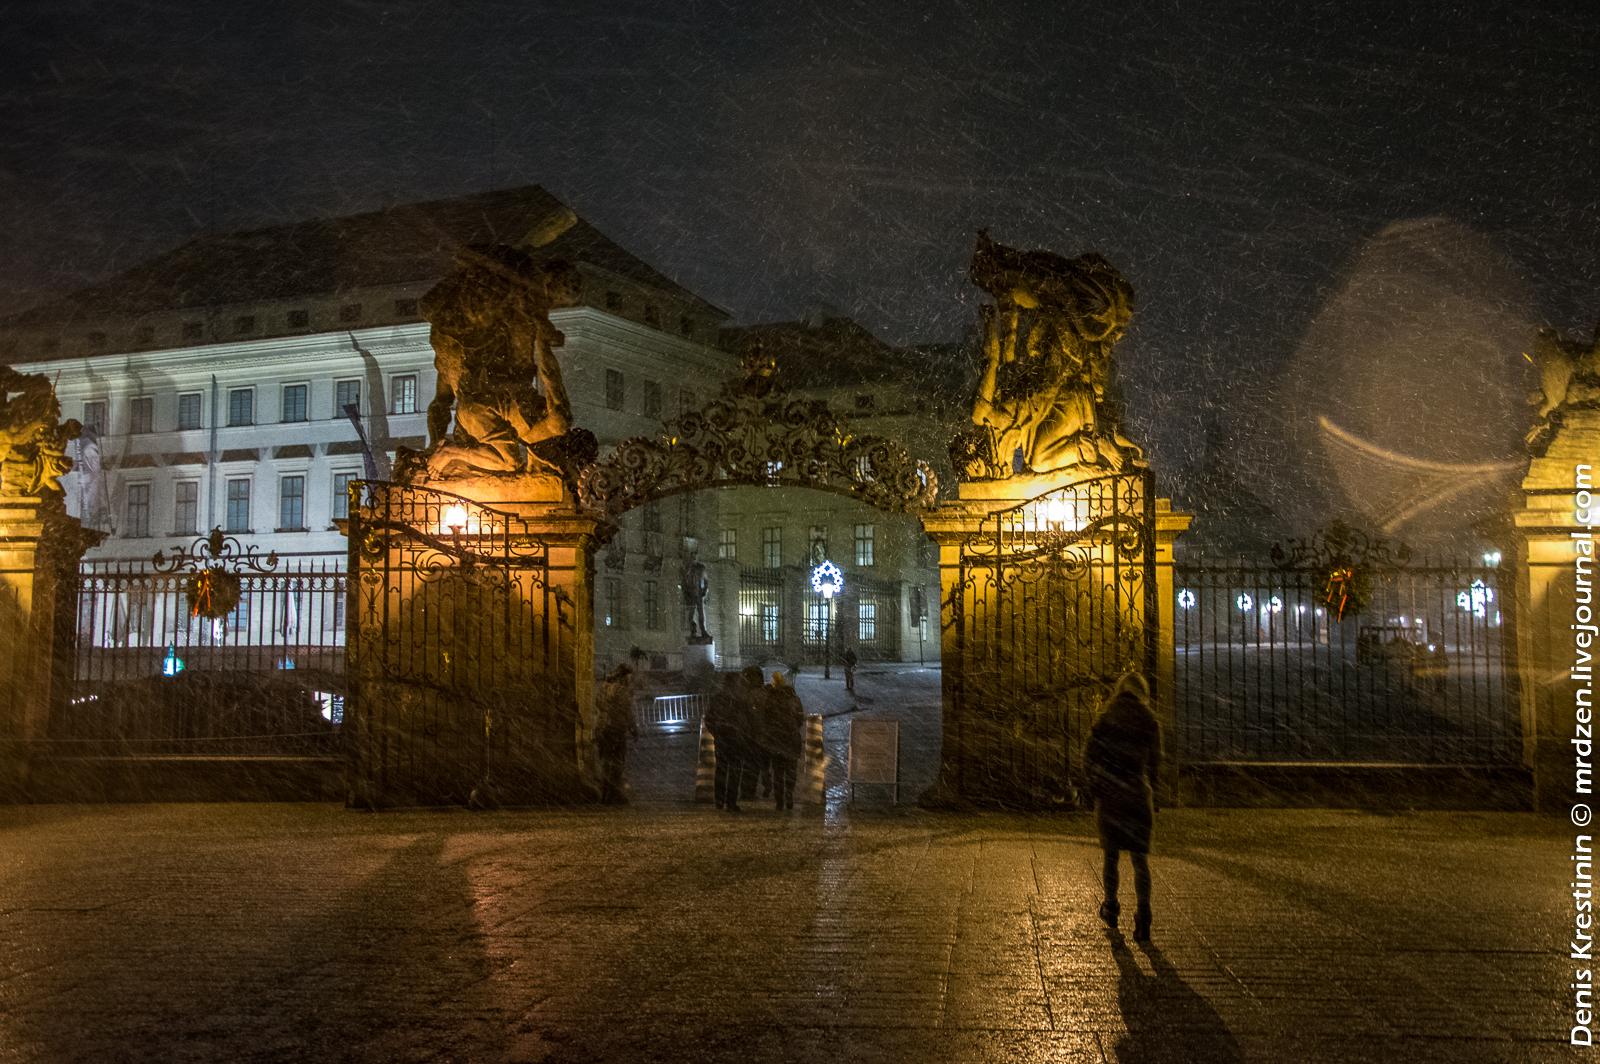 Пражский град, Очень снежно.